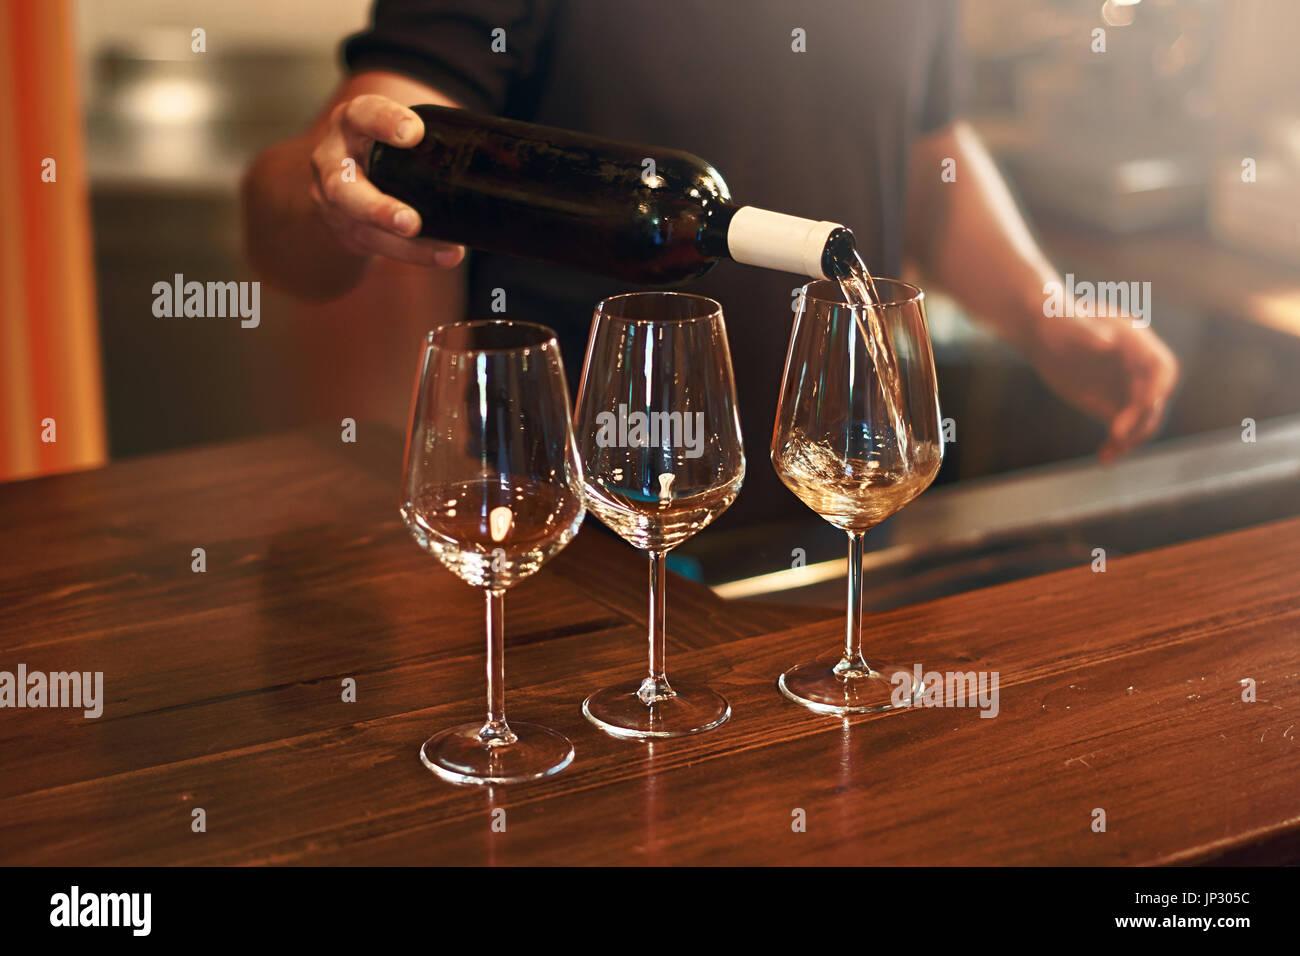 Sommelier versa Pinot gris il vino in bicchieri da degustazione Immagini Stock